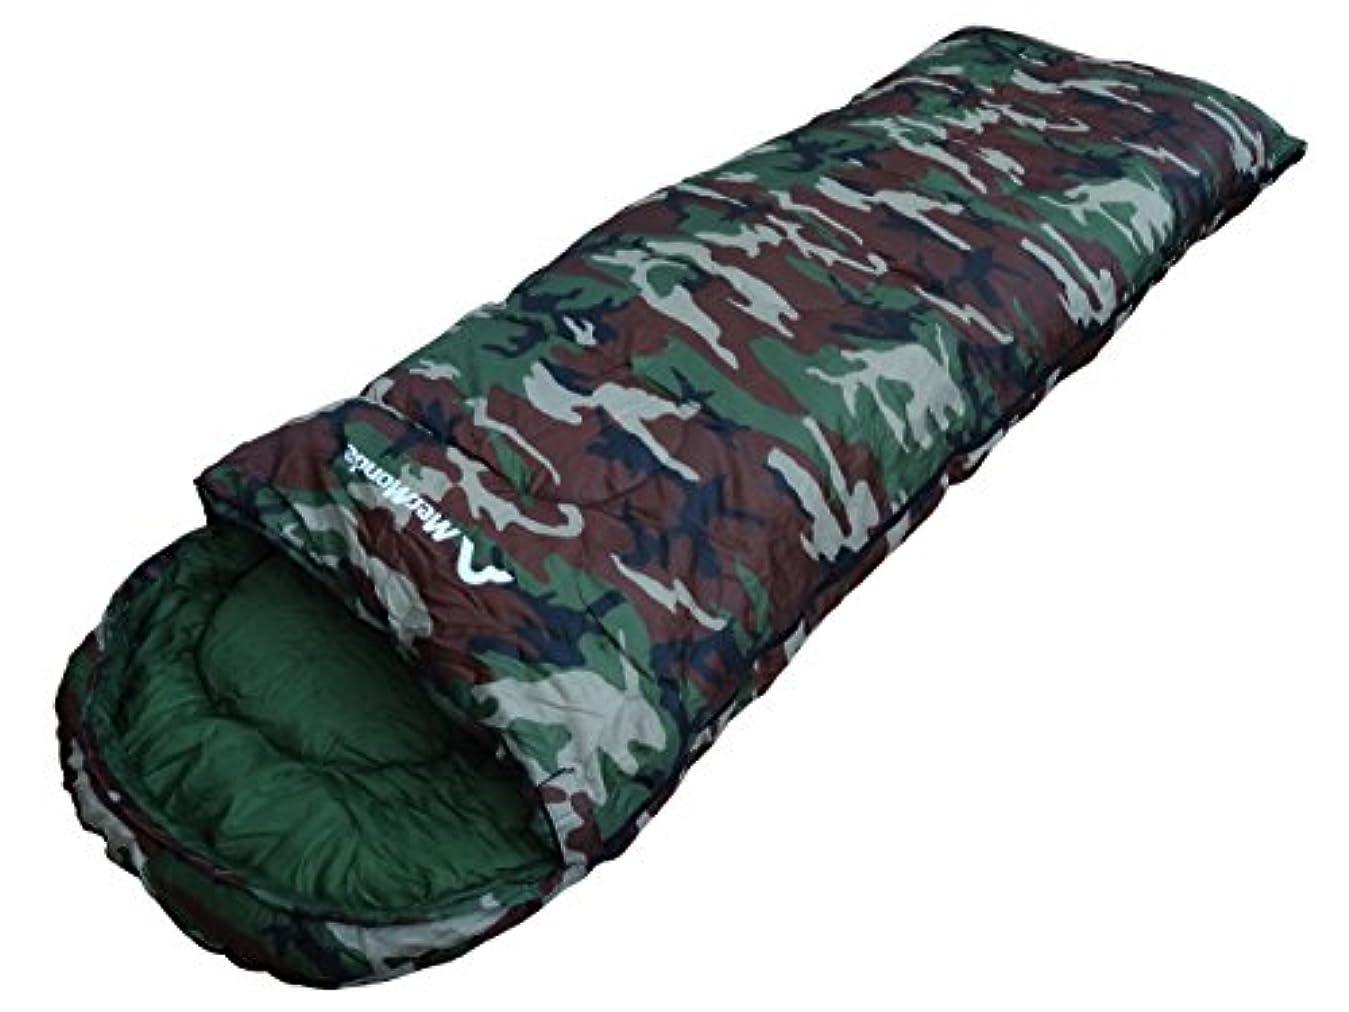 座標過半数フィクションMerMonde (メルモンド) 寝袋 コンパクト 封筒型 [ アウトドア/キャンプ/防災 ] シュラフ 春夏秋冬 オールシーズン [最低温度-10℃] 丸洗い可能 収納袋付き